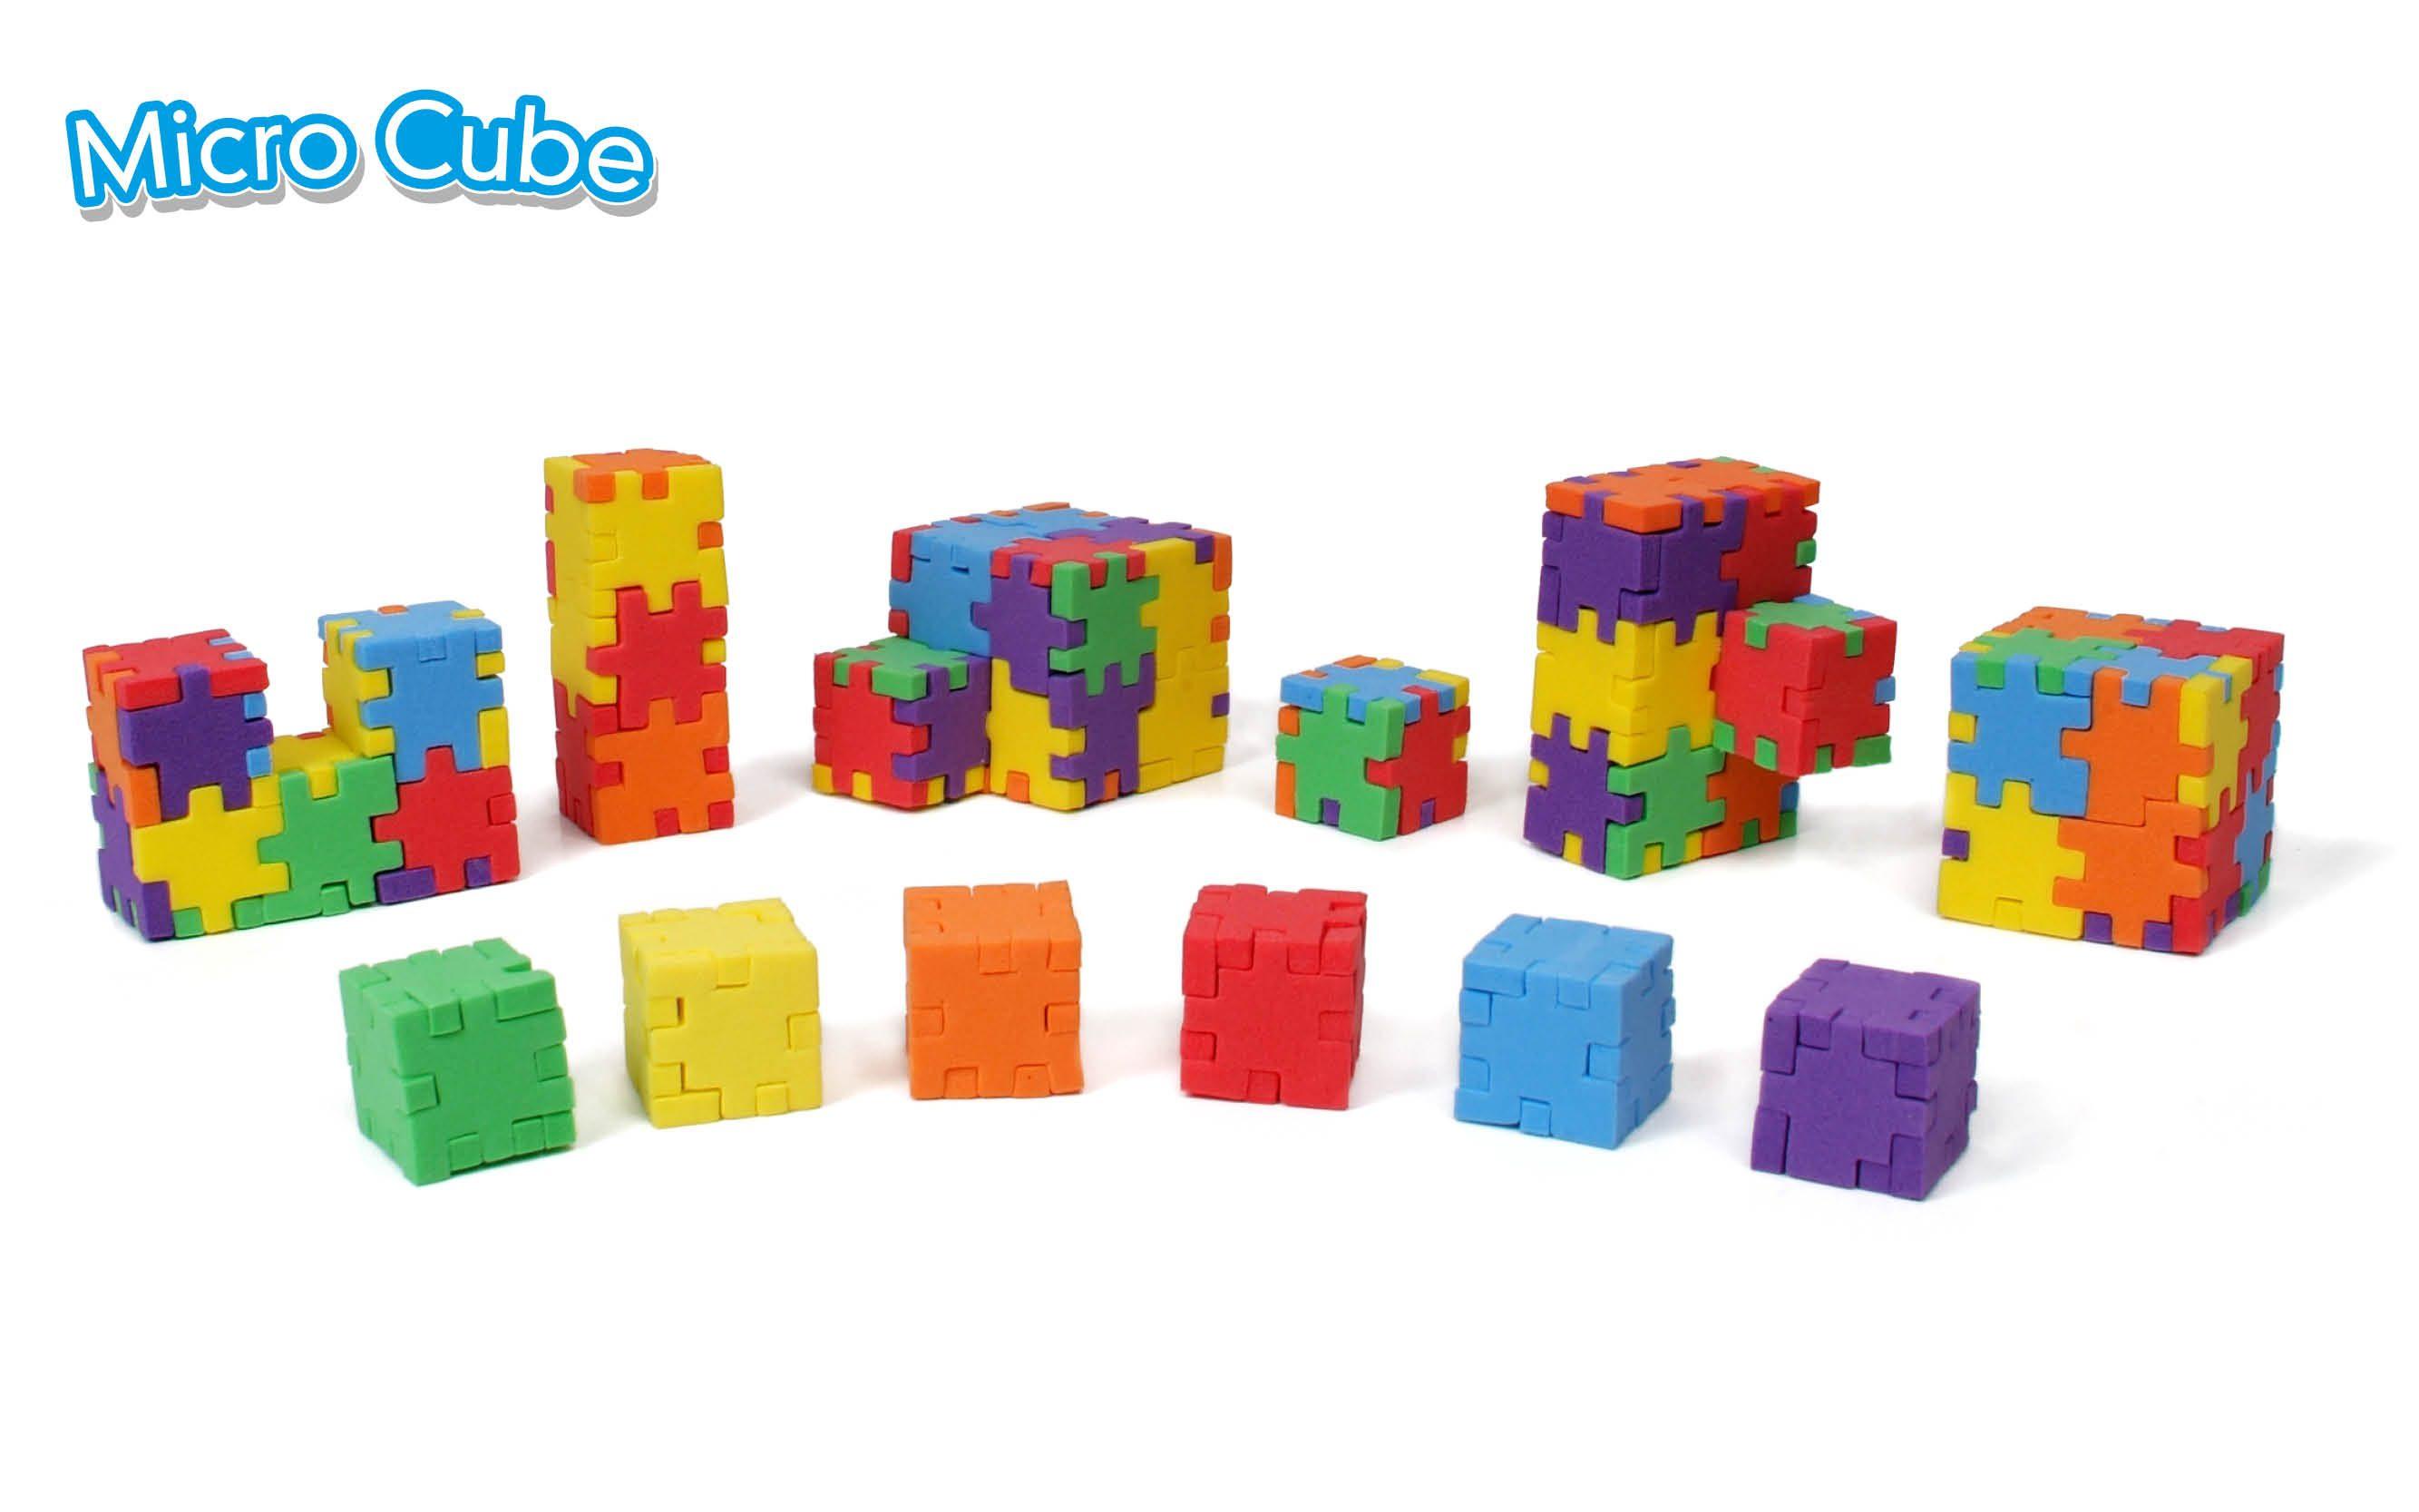 Happy_MicroCube_30-display7_foamcubepuzzles-mini